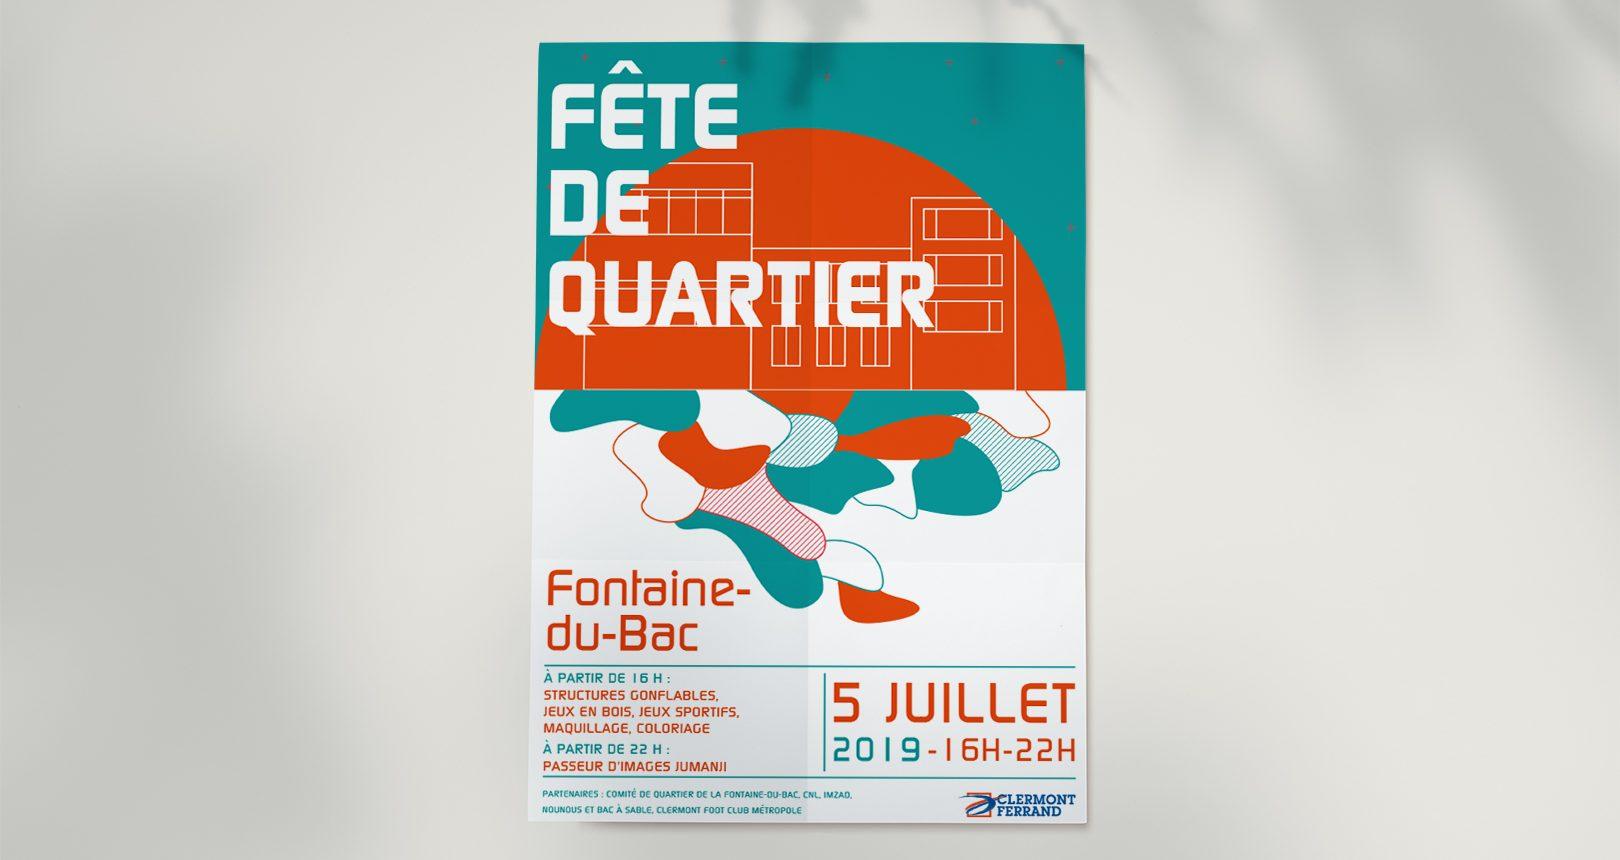 Affiche Fête de quartier, Ville de Clermont